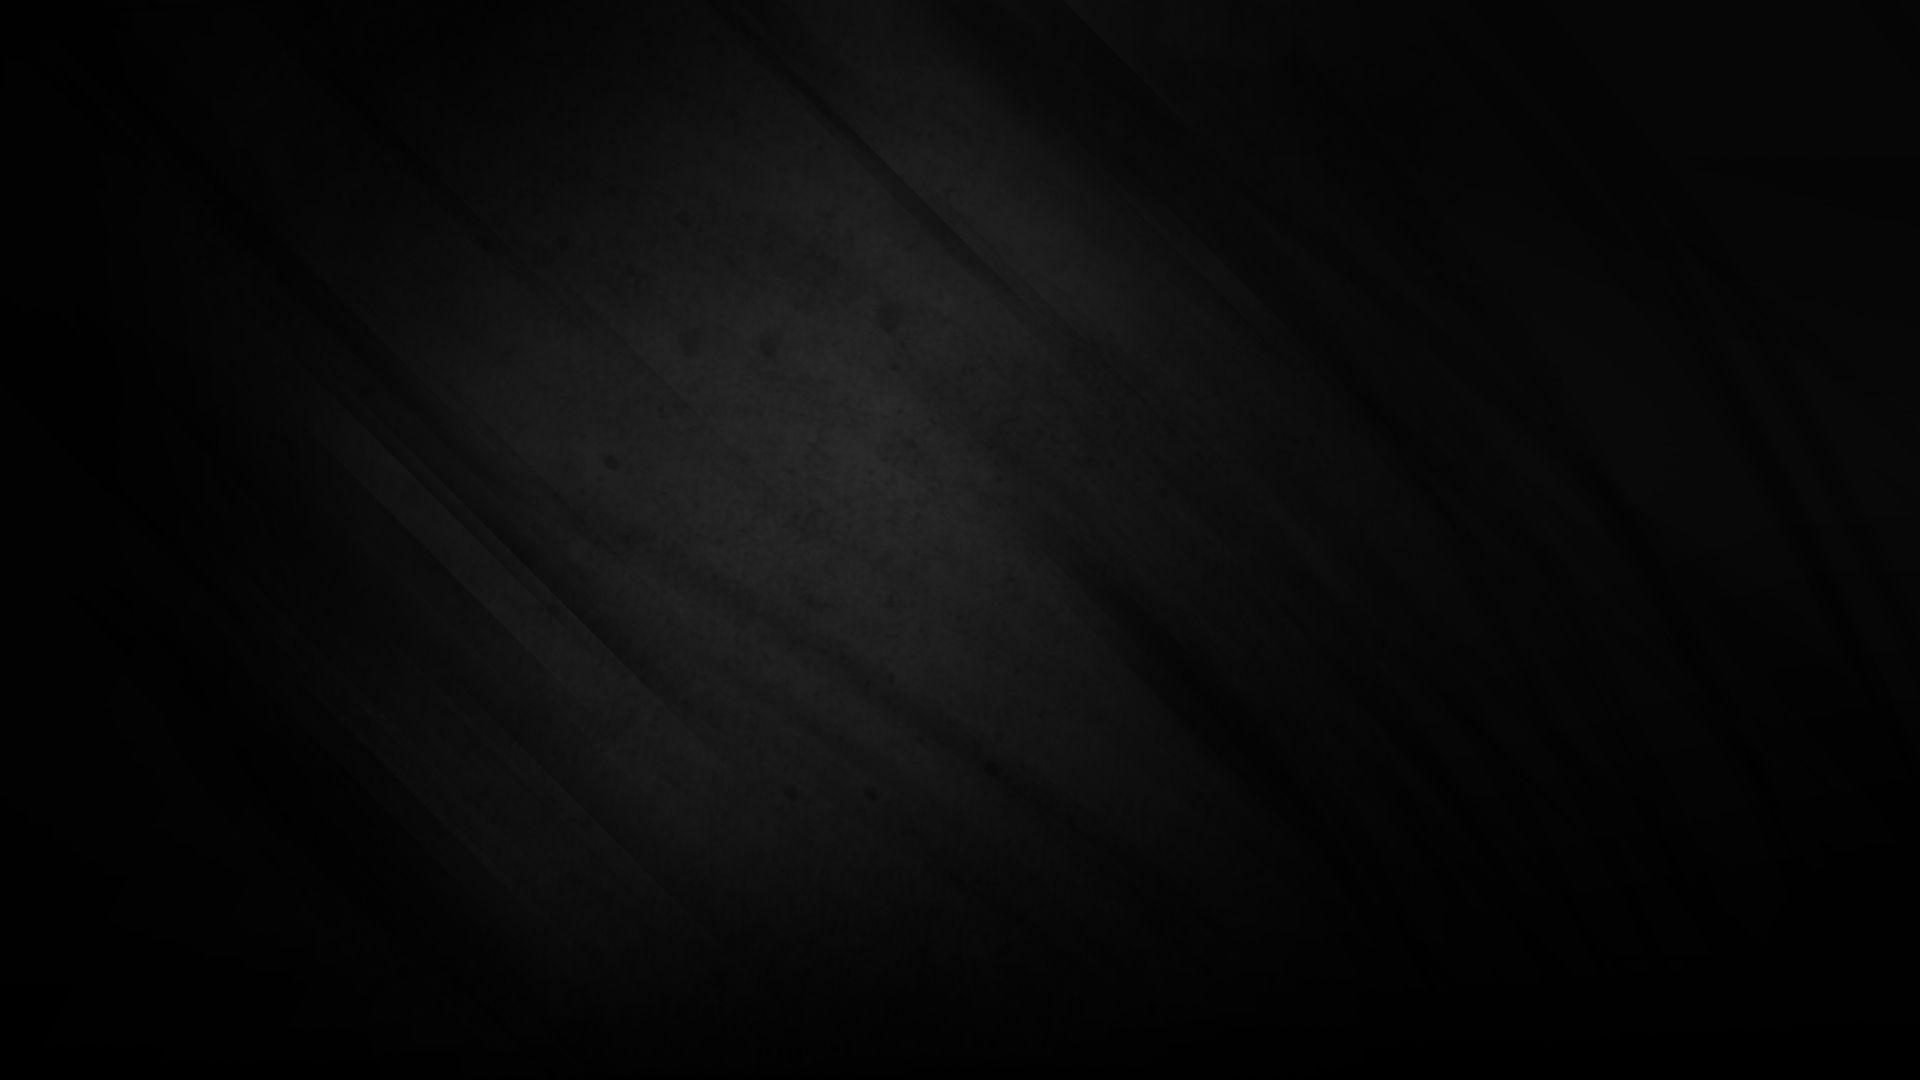 Full Black Wallpapers - Wallpaper Cave